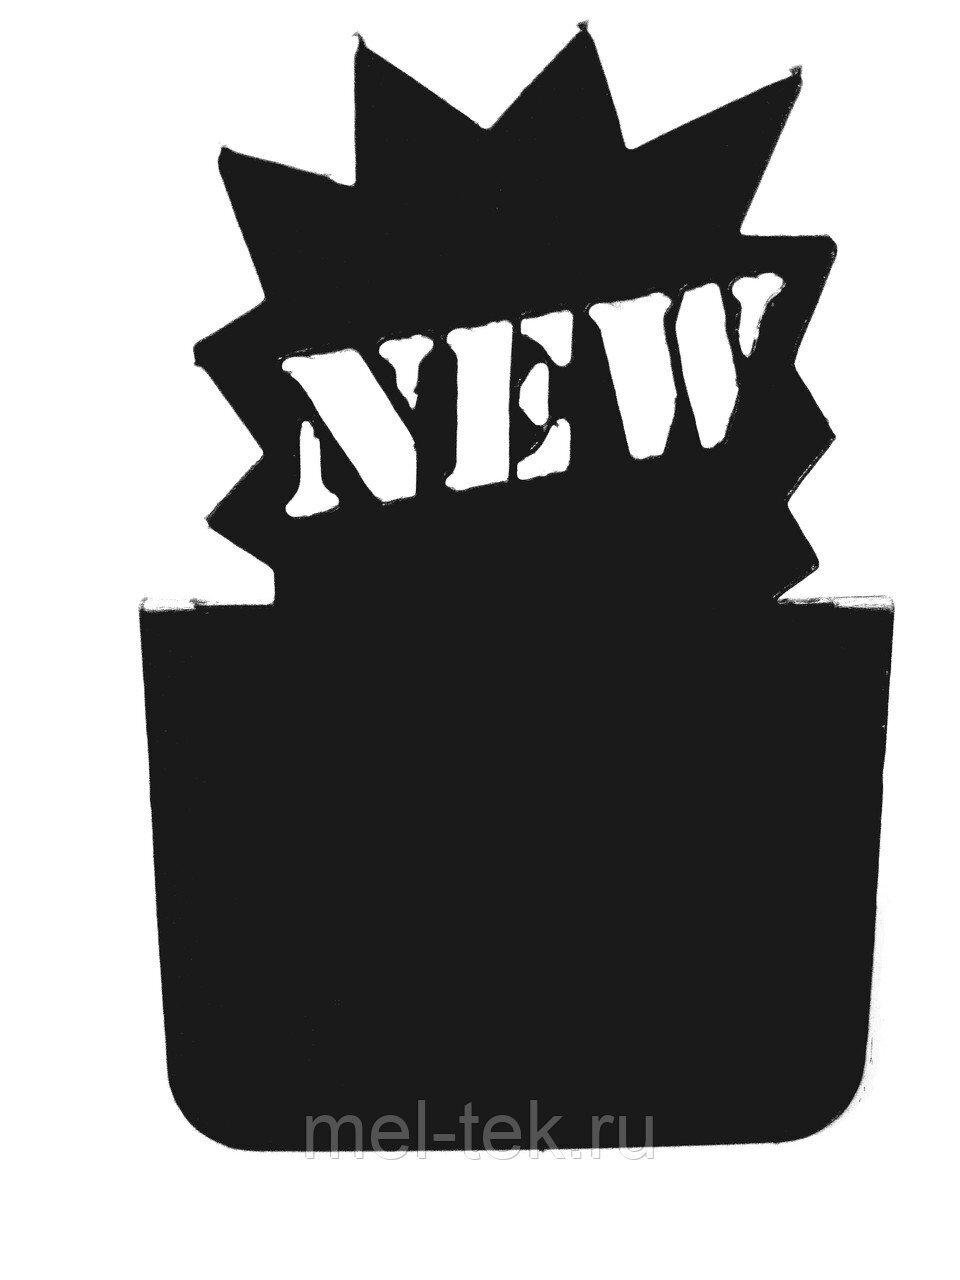 """Ценник пластиковый под углом """"New"""" 60*90 мм"""